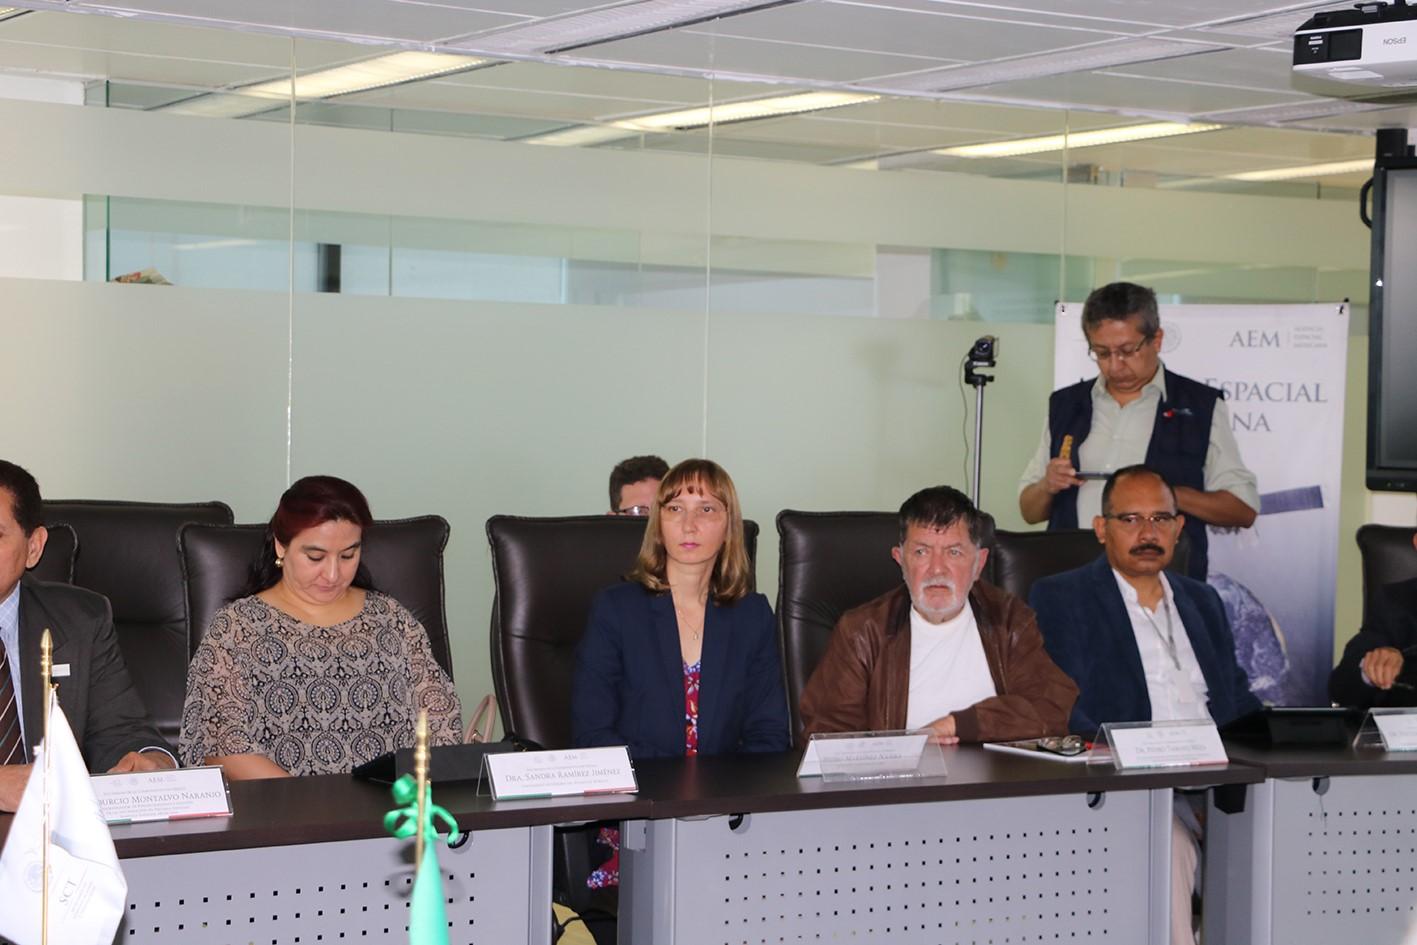 La representante de ALAR México, Natalia Smirnova, presente durante la reunión de la AEM